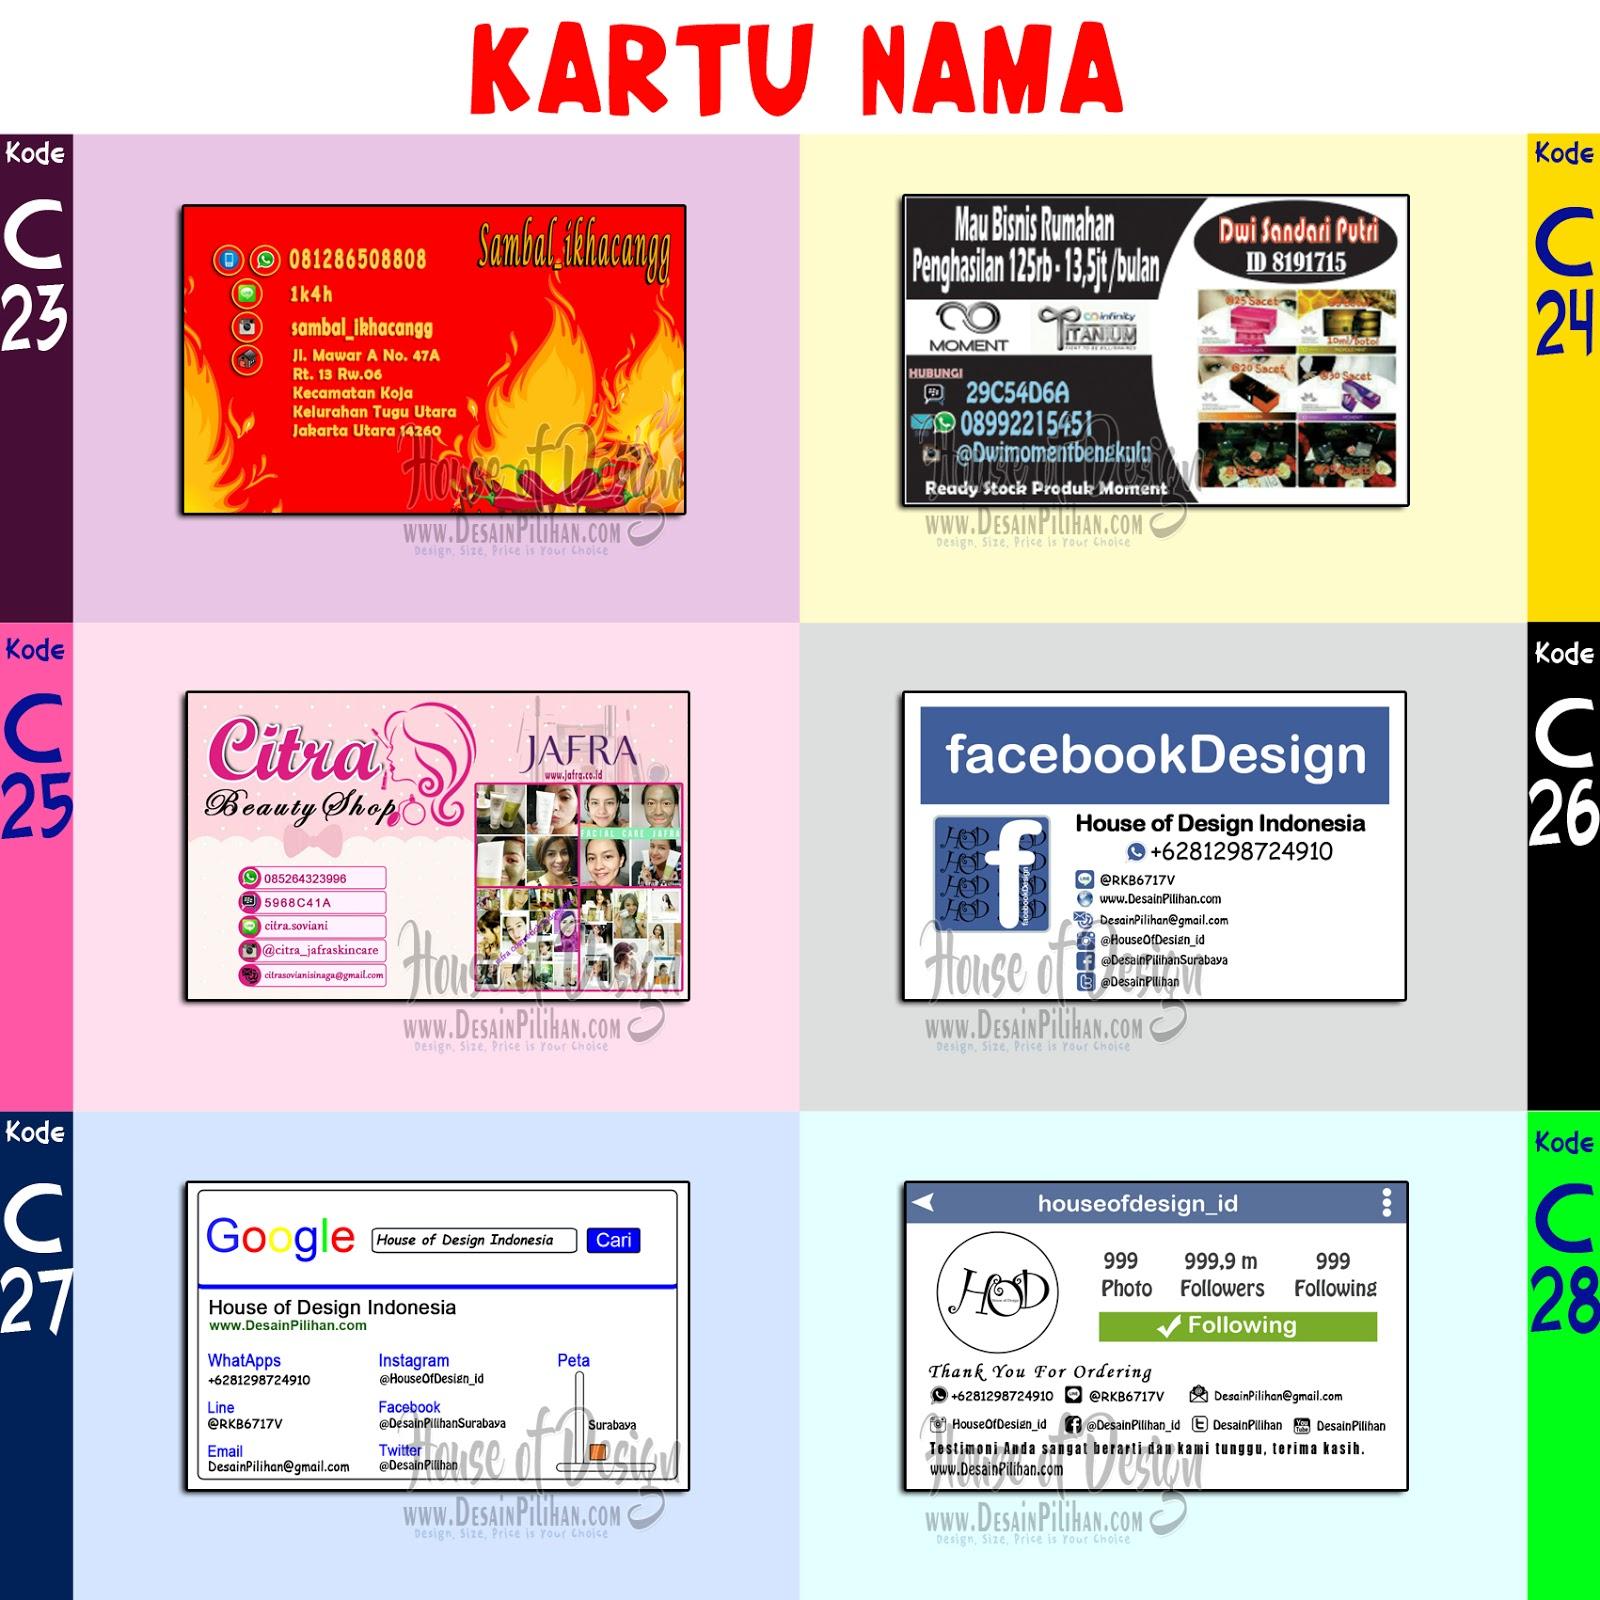 katalog kartu nama, contoh design kartu nama, jual kartu nama murah